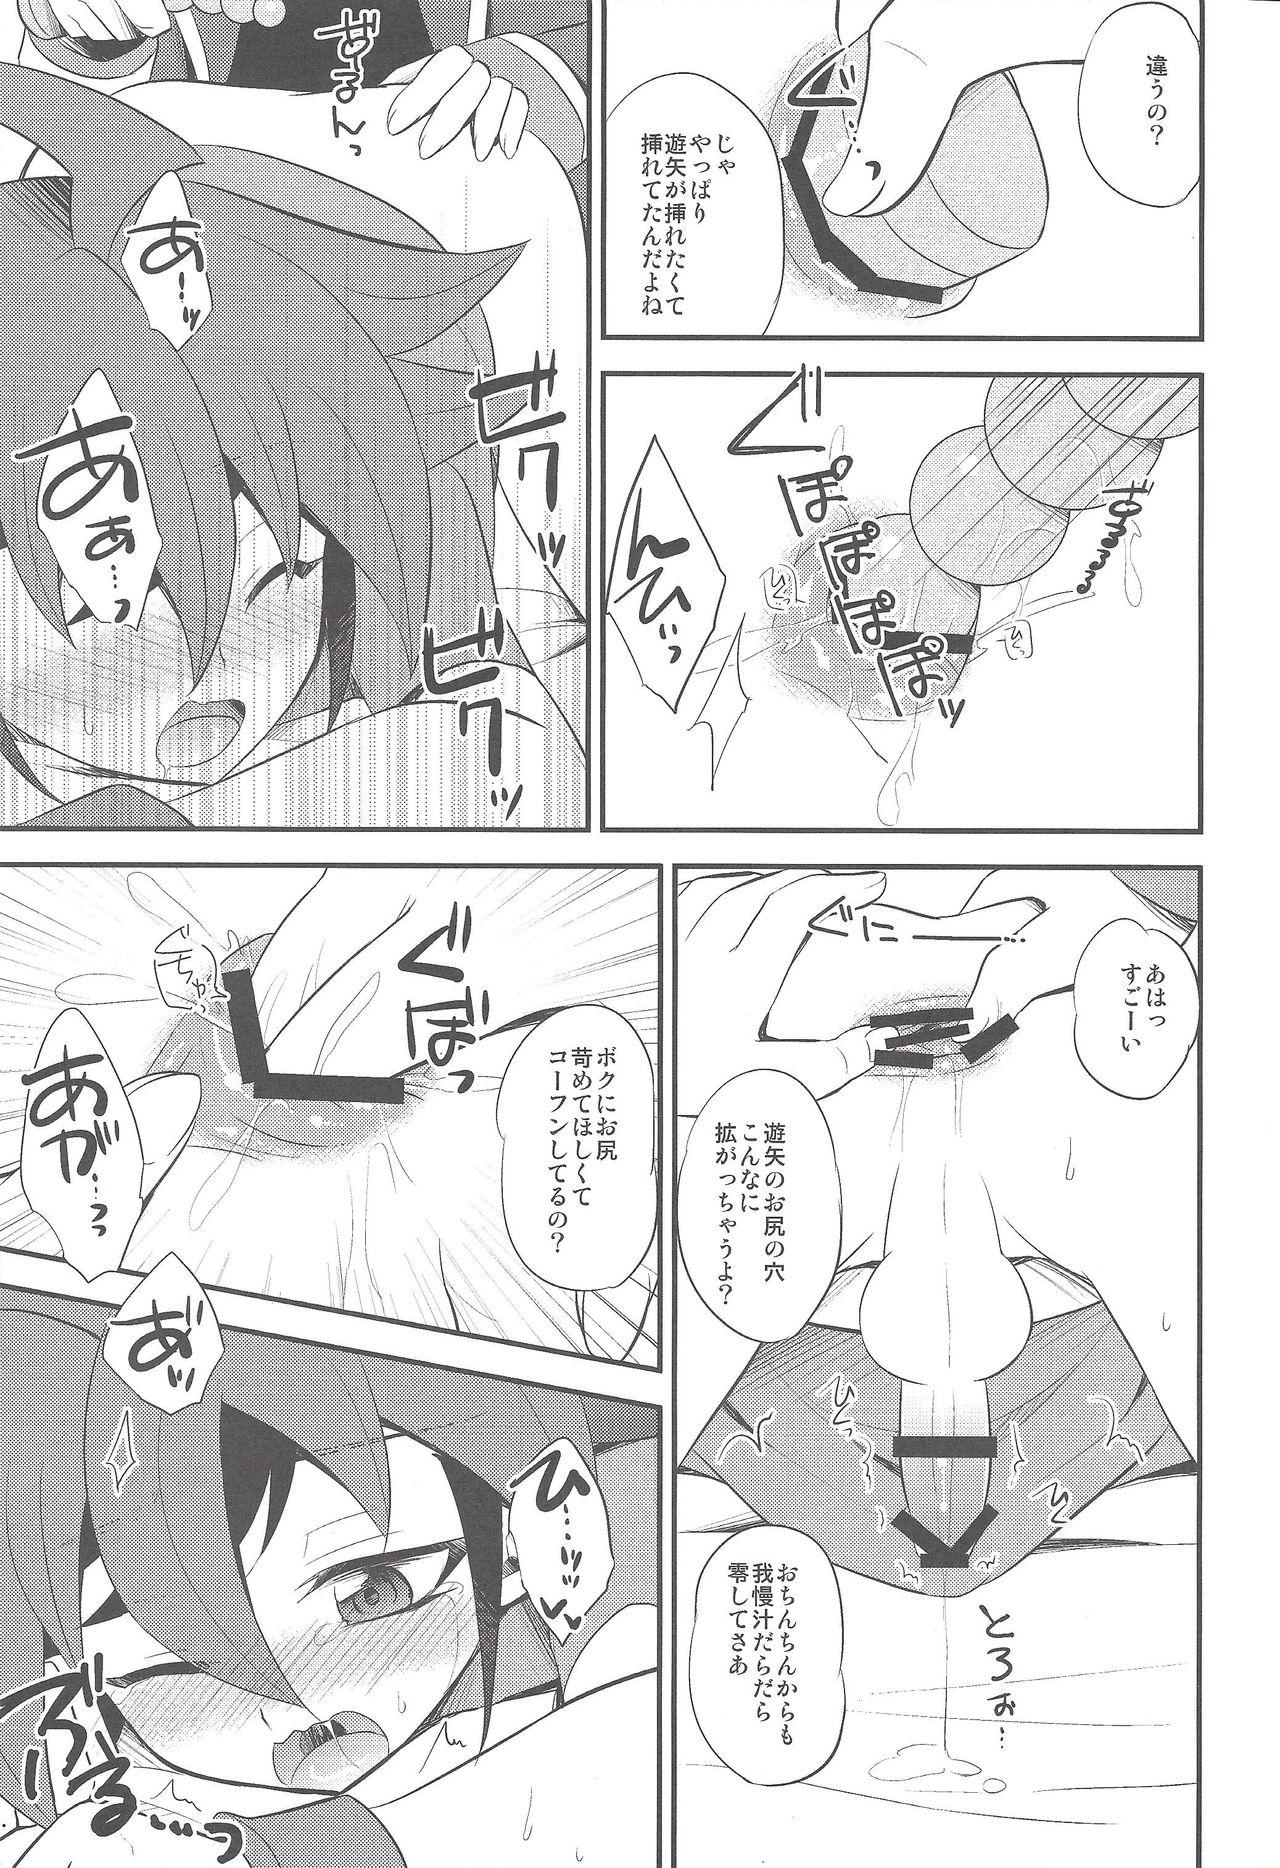 Sora-kun no Omocha 7